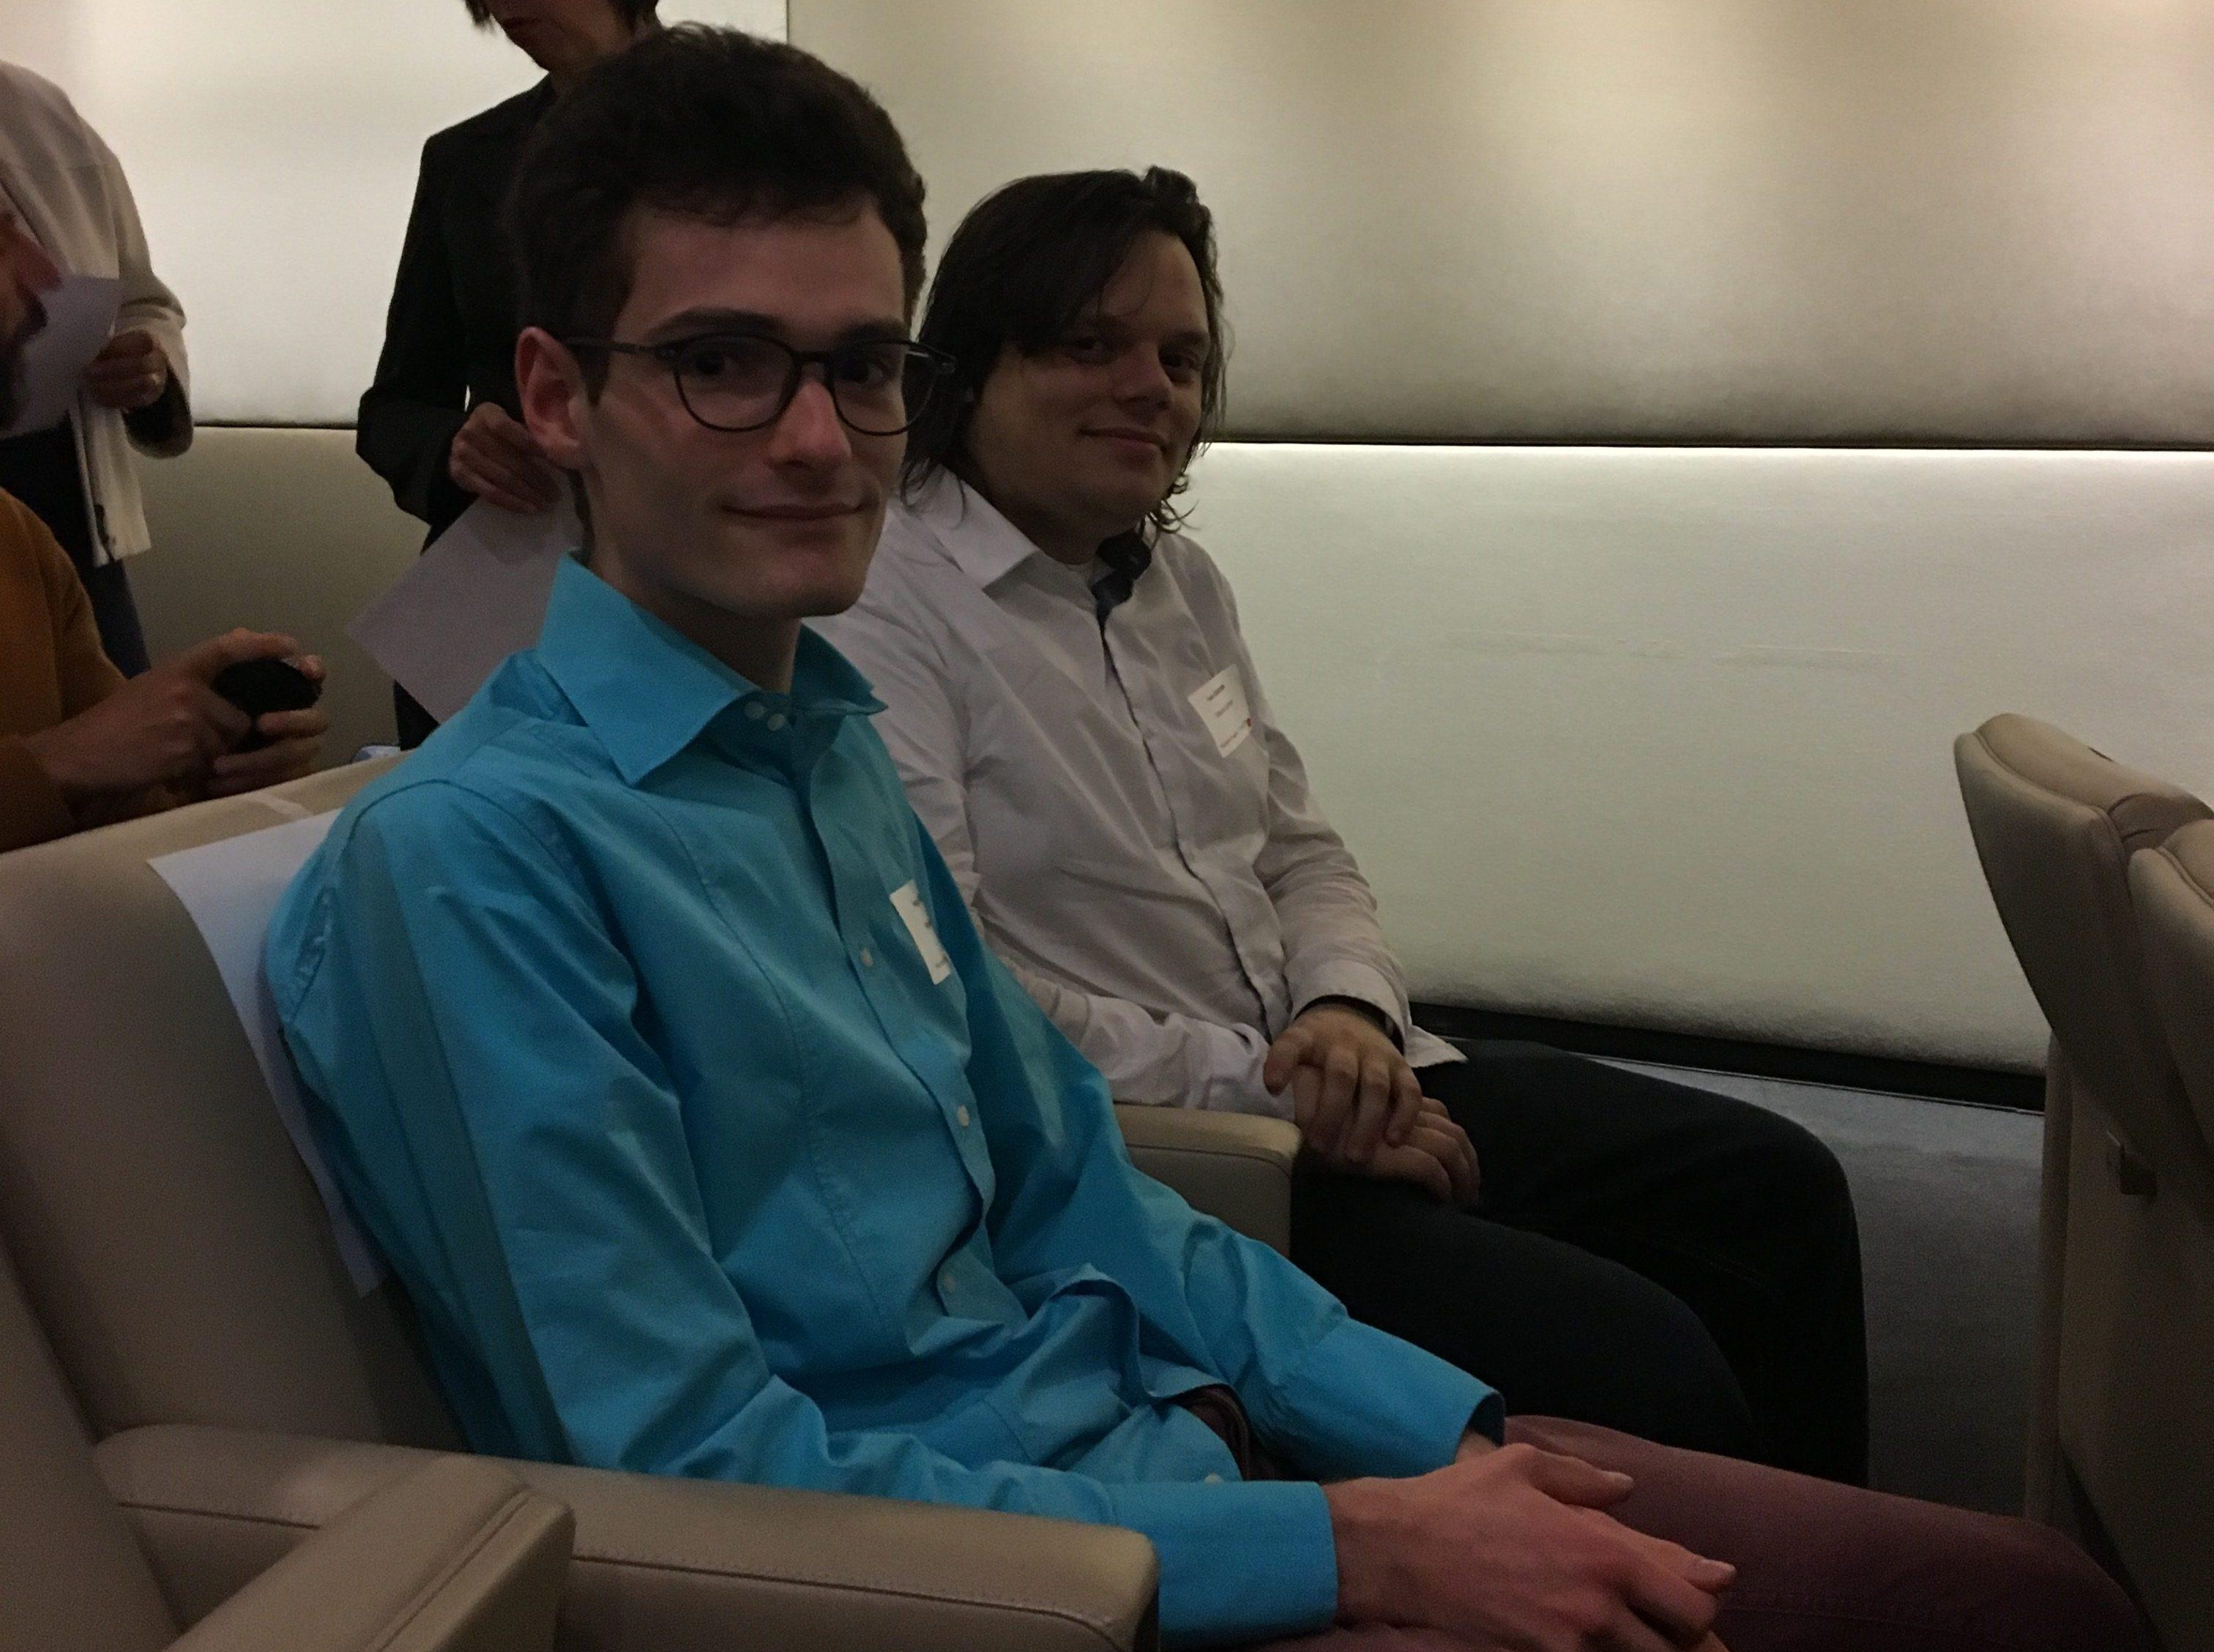 Hugo Gangloff et Ivan Gorynin, lauréats des prix de la Fondation Mines-Télécom